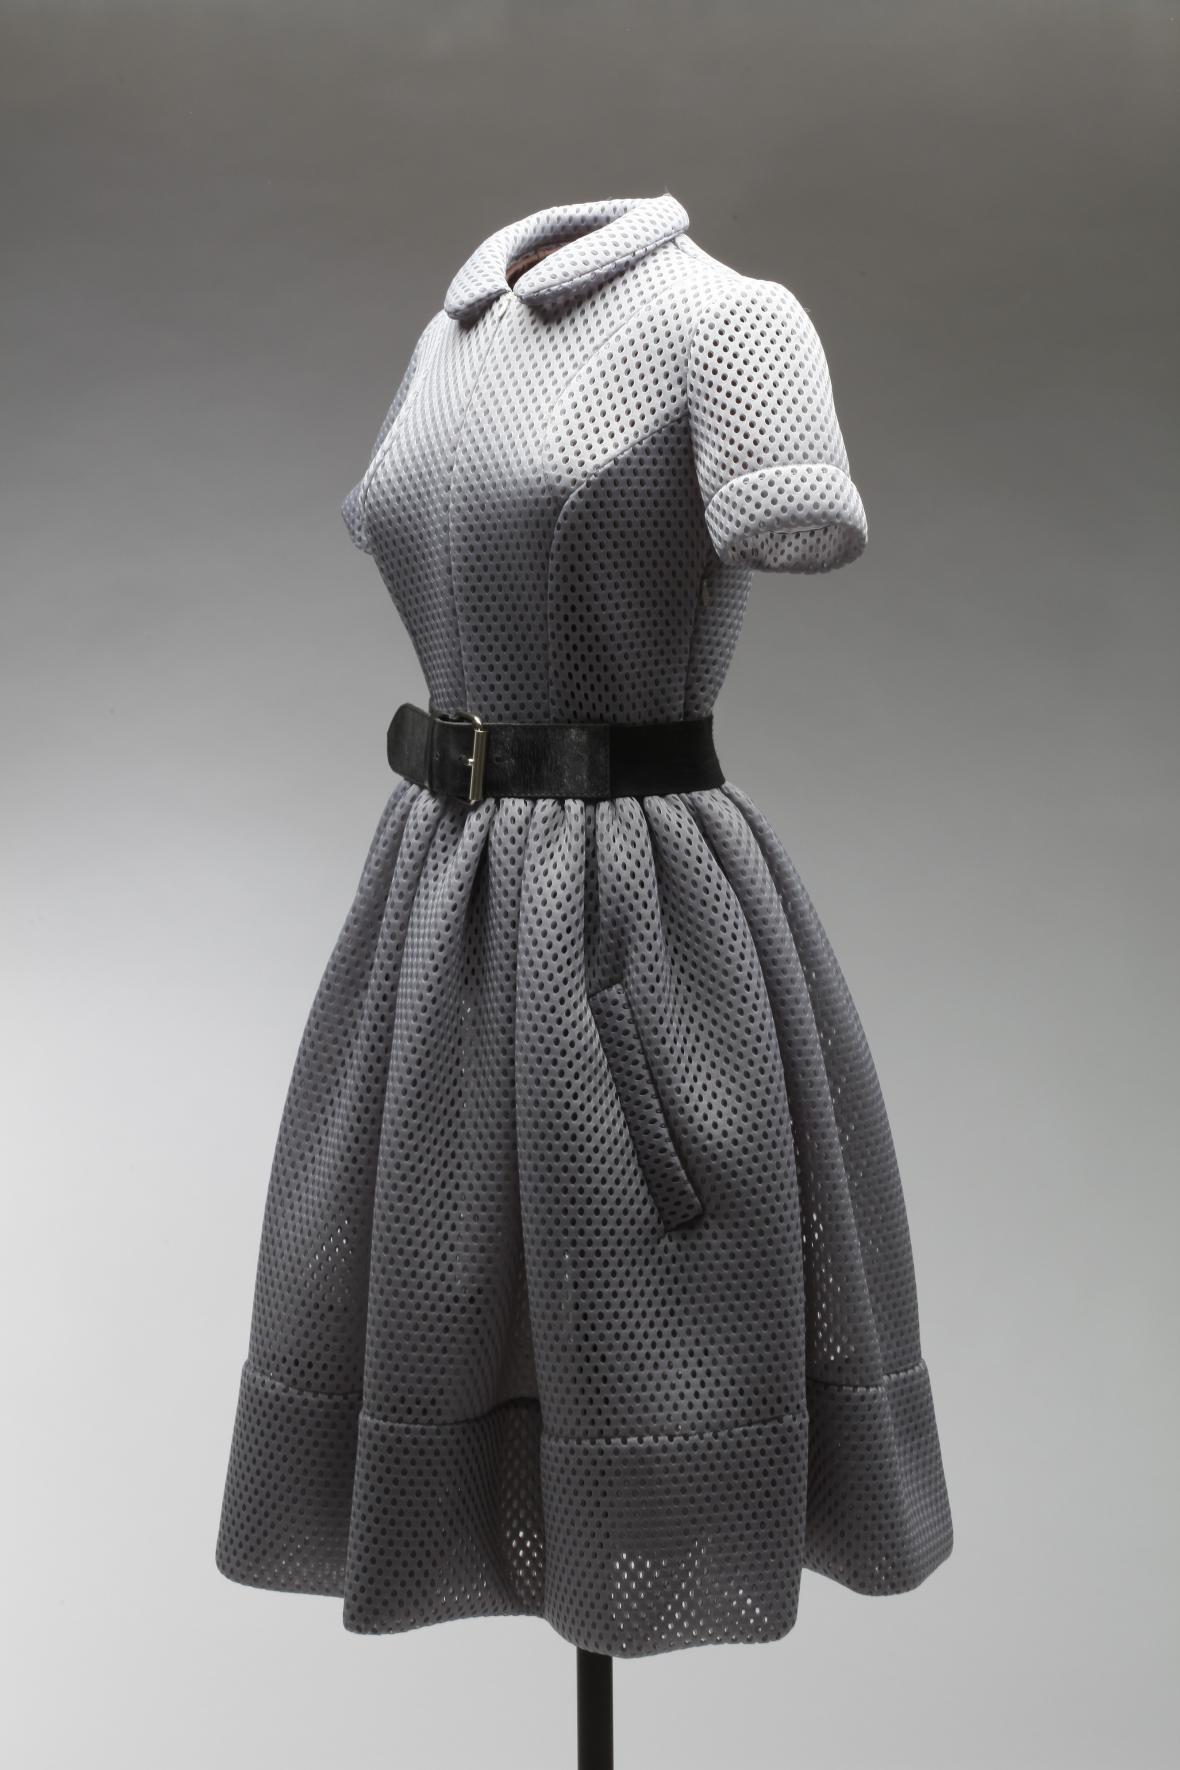 """Šaty dámské šedé """"pro BB"""", Monika Drápalová pro Free Circle, polyester, 2013."""